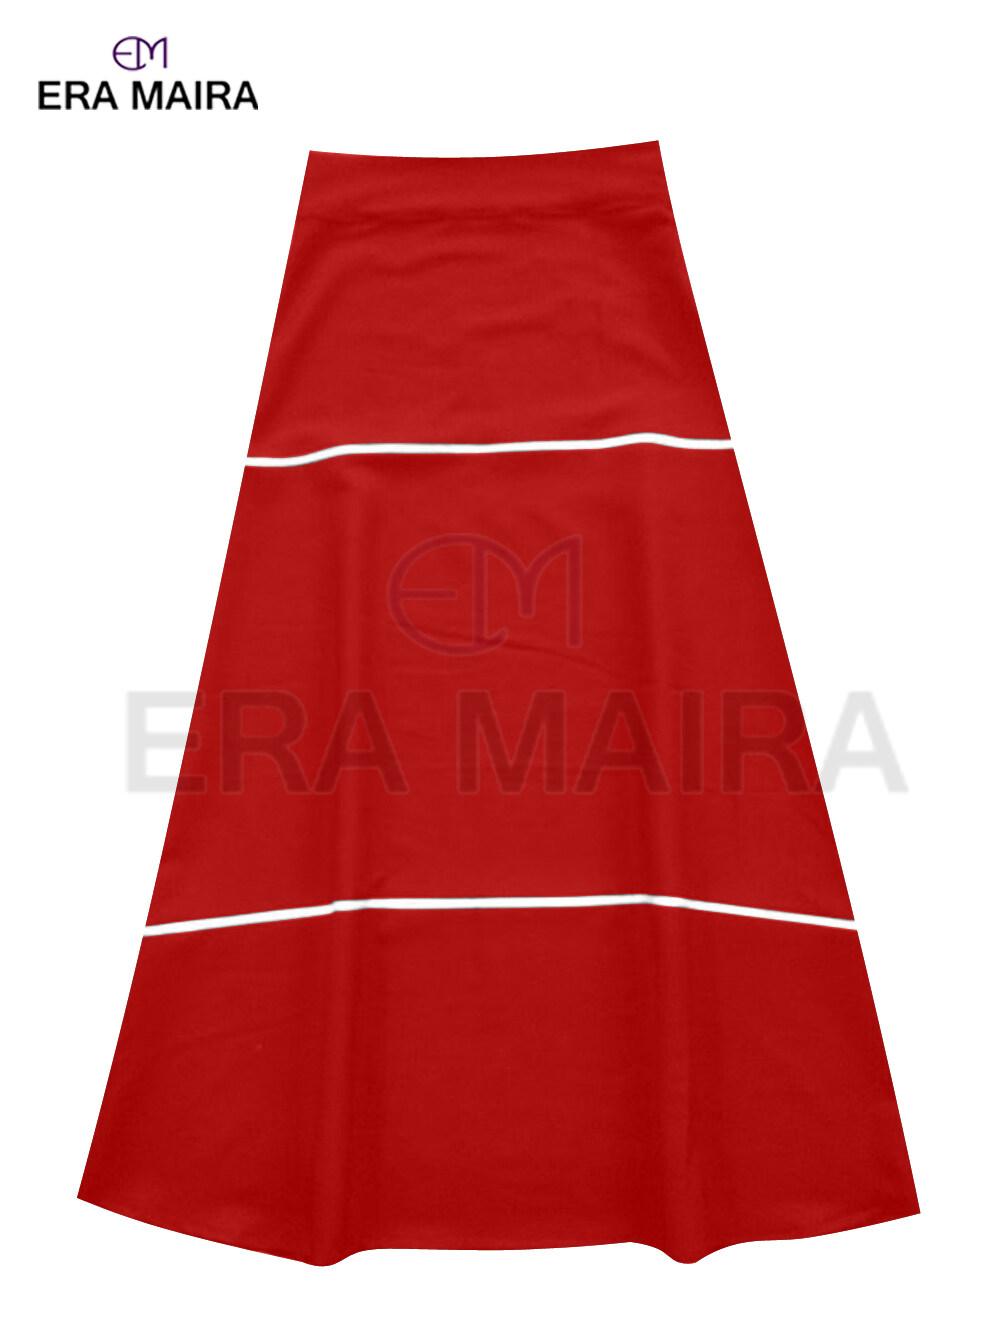 Double lenerz era maira skirt for women - Dubz